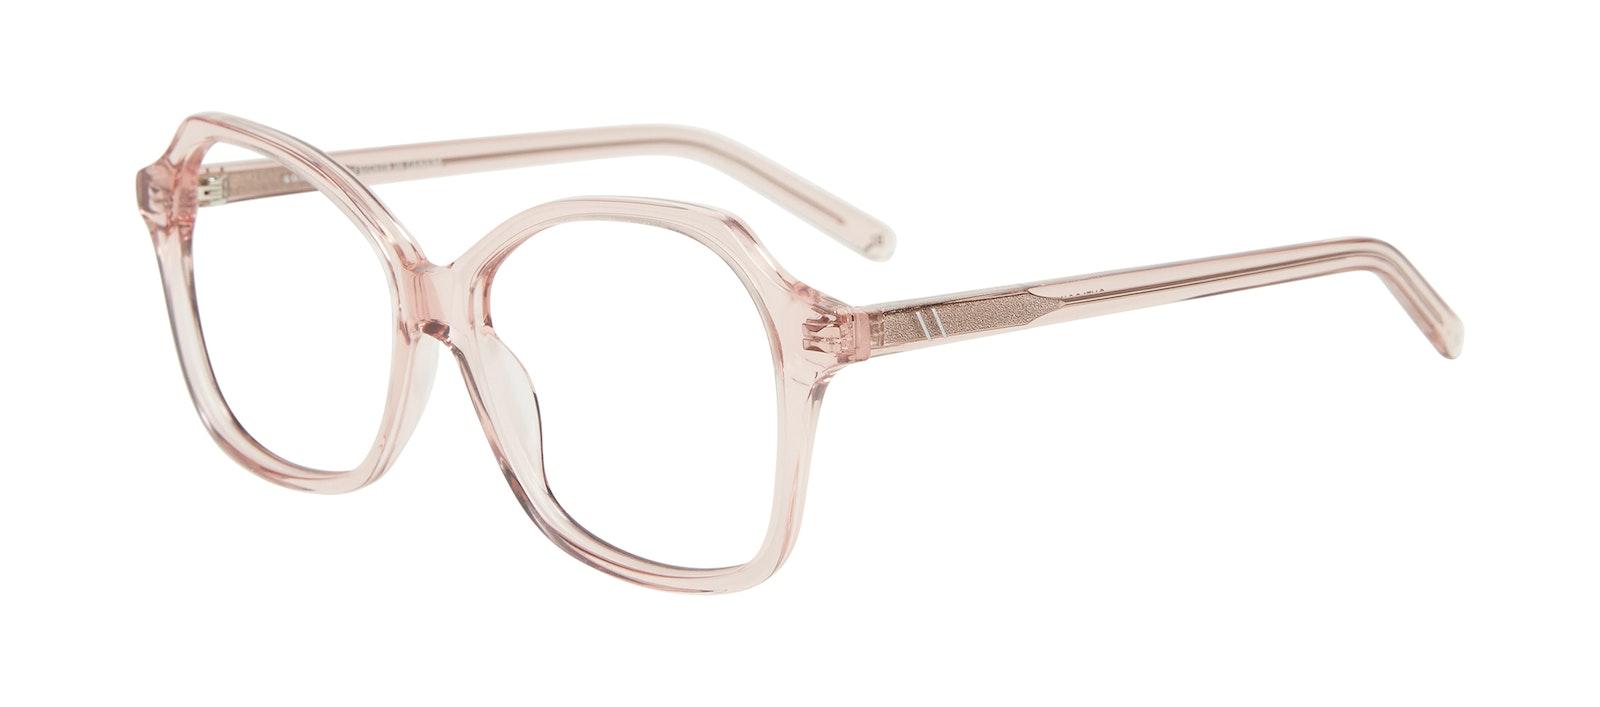 Lunettes tendance Carrée Lunettes de vue Femmes Outlook Pink Incliné